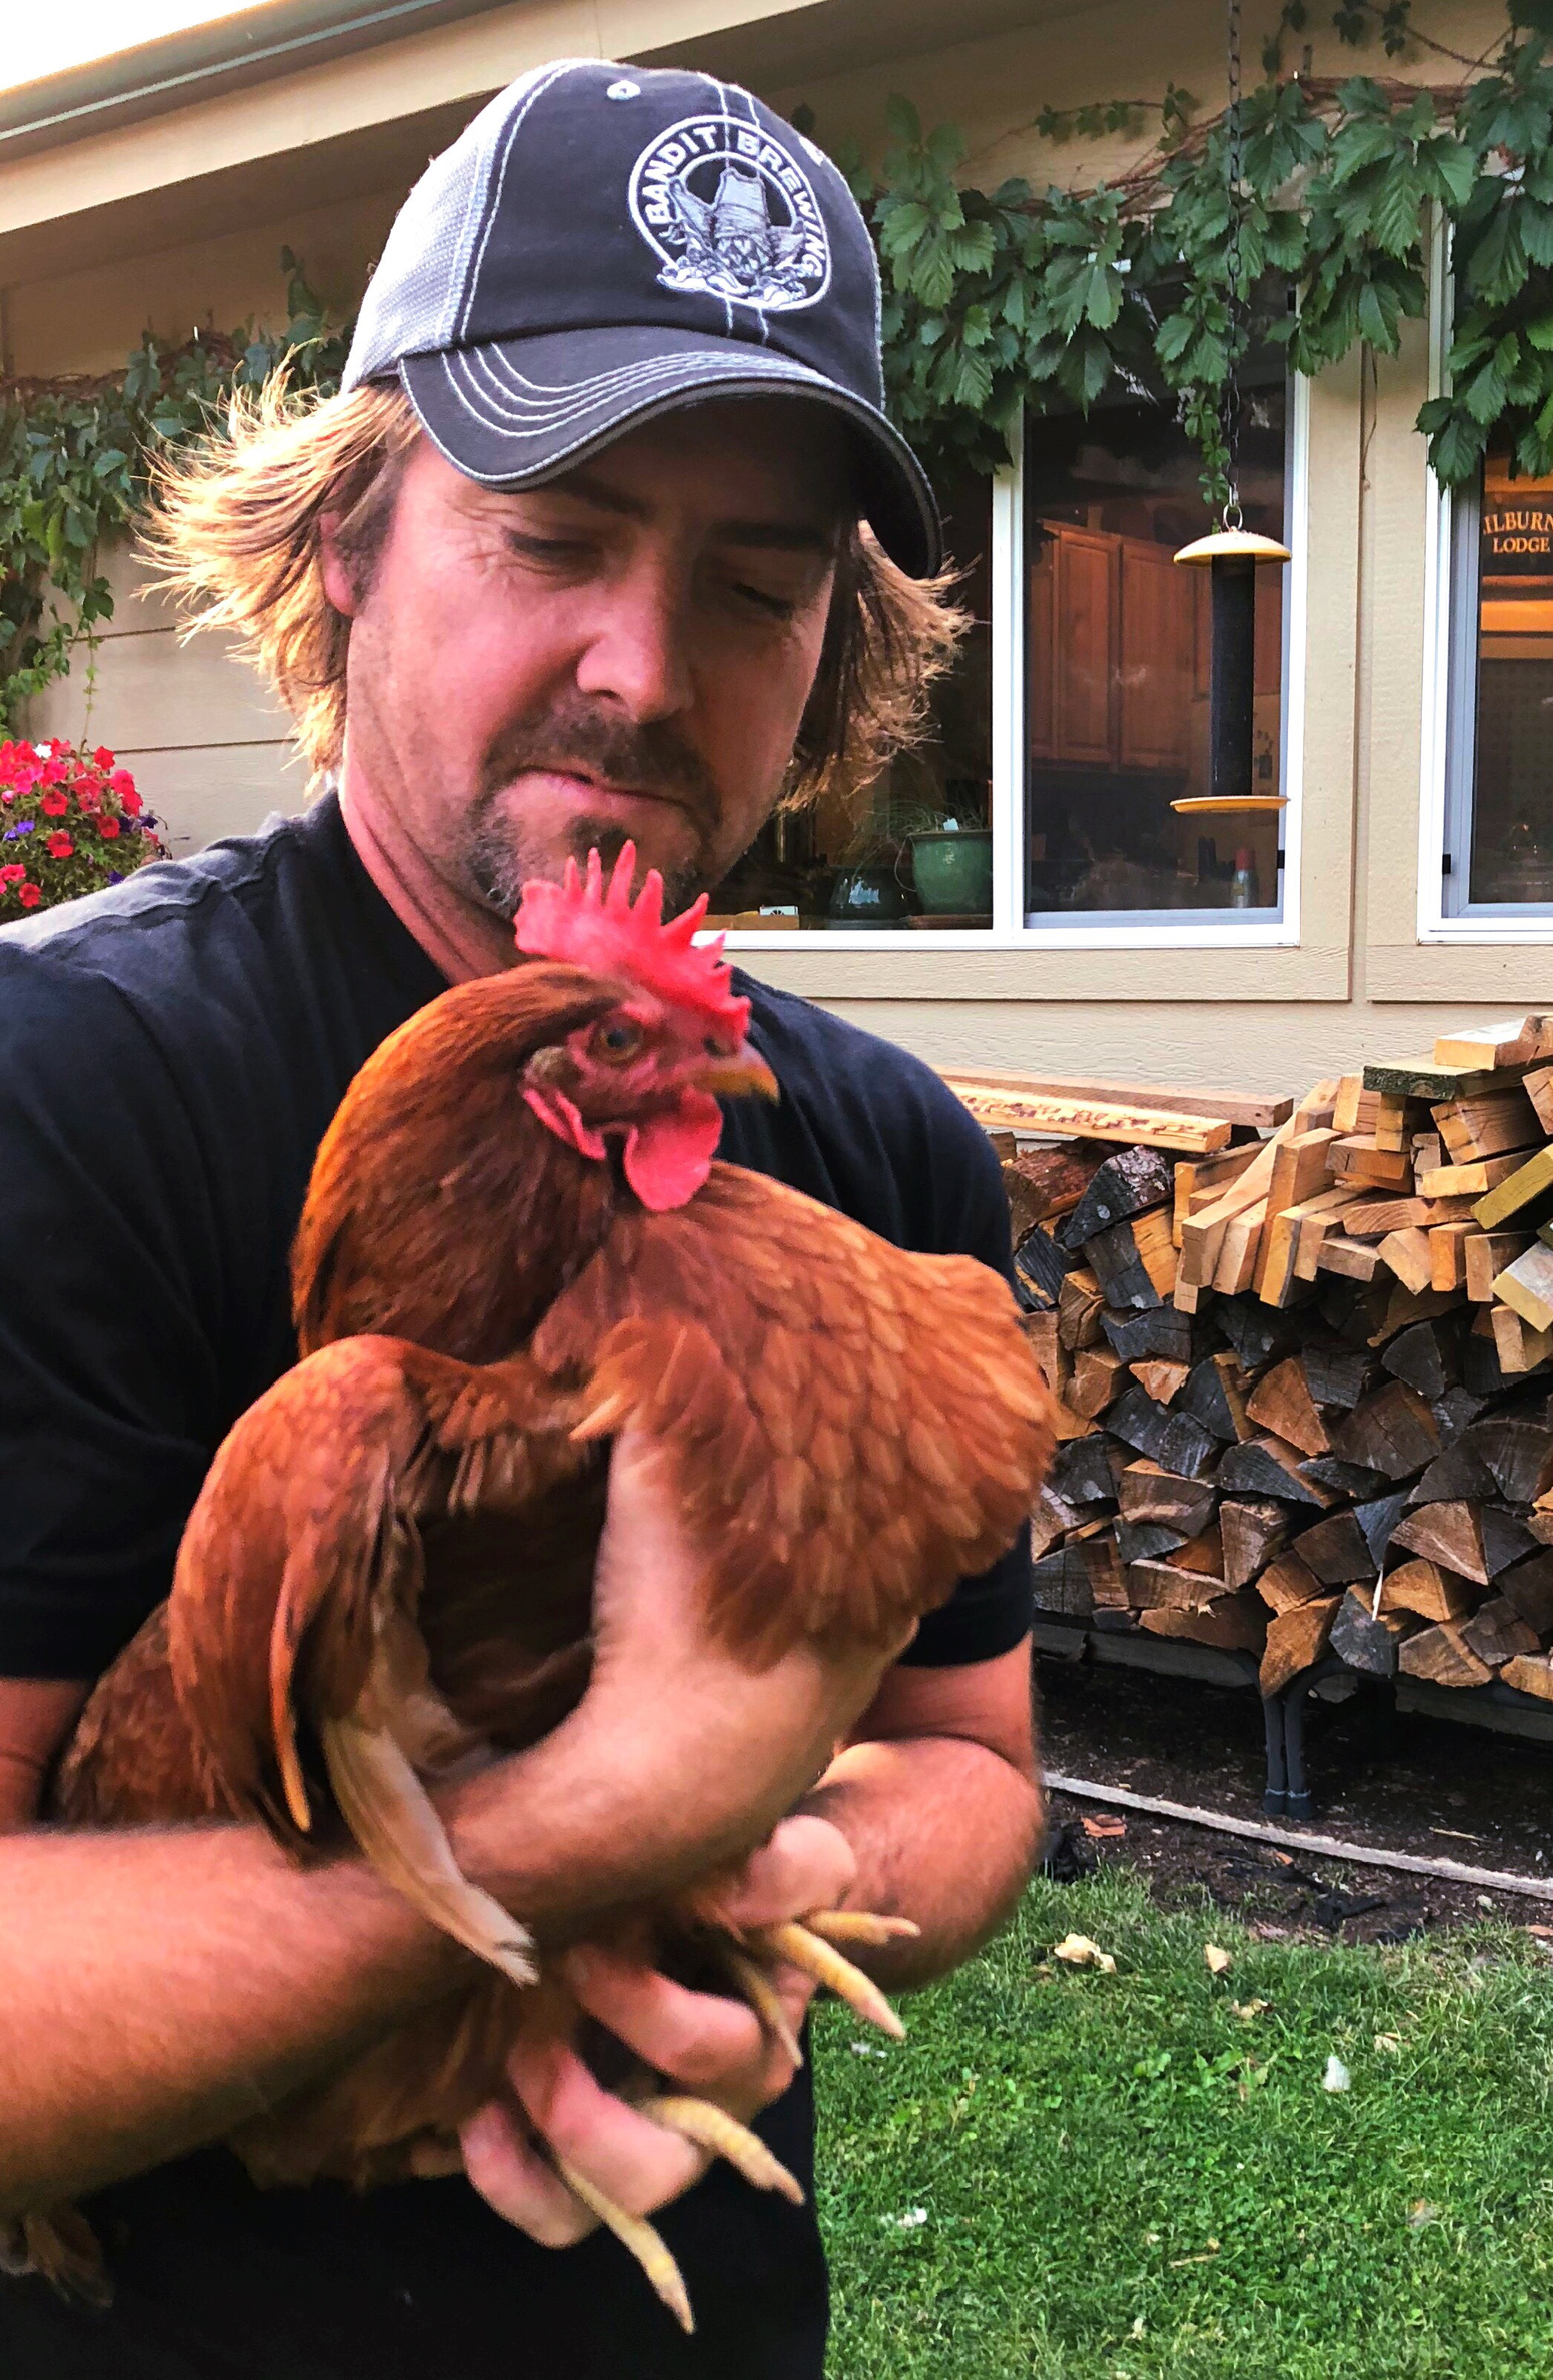 Our alpha chicken!